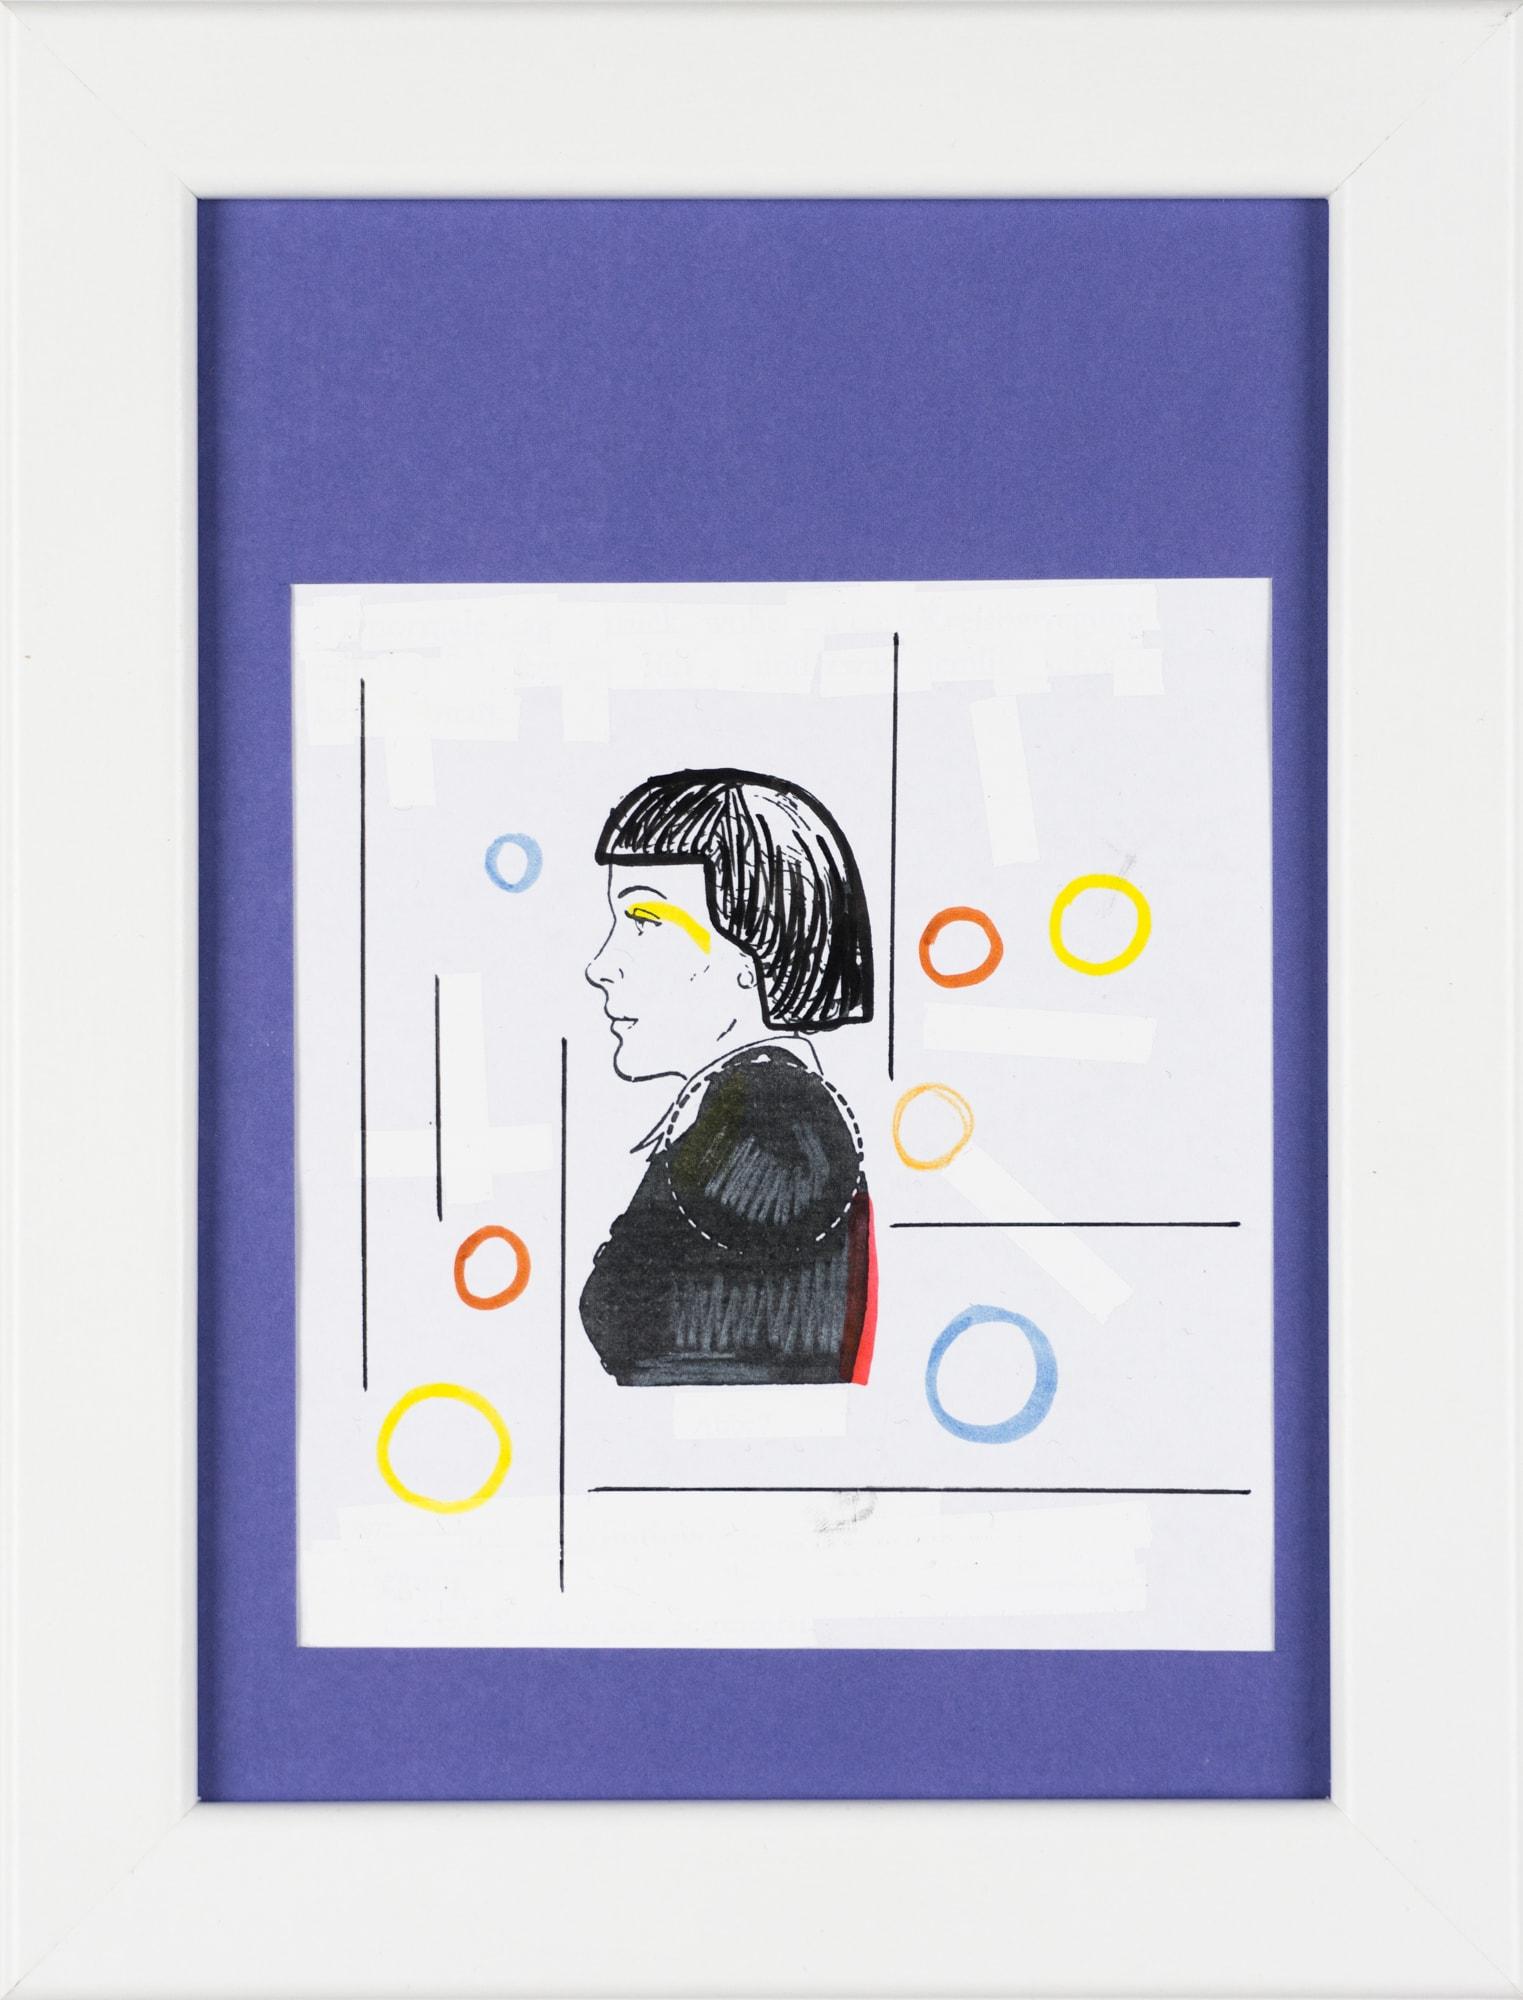 Übermalung und Mischtechnik auf Papier, 10,4x11,4cm, Originalgrafik zum gleichnamigen Booklet, Künstlerin: Franziska King